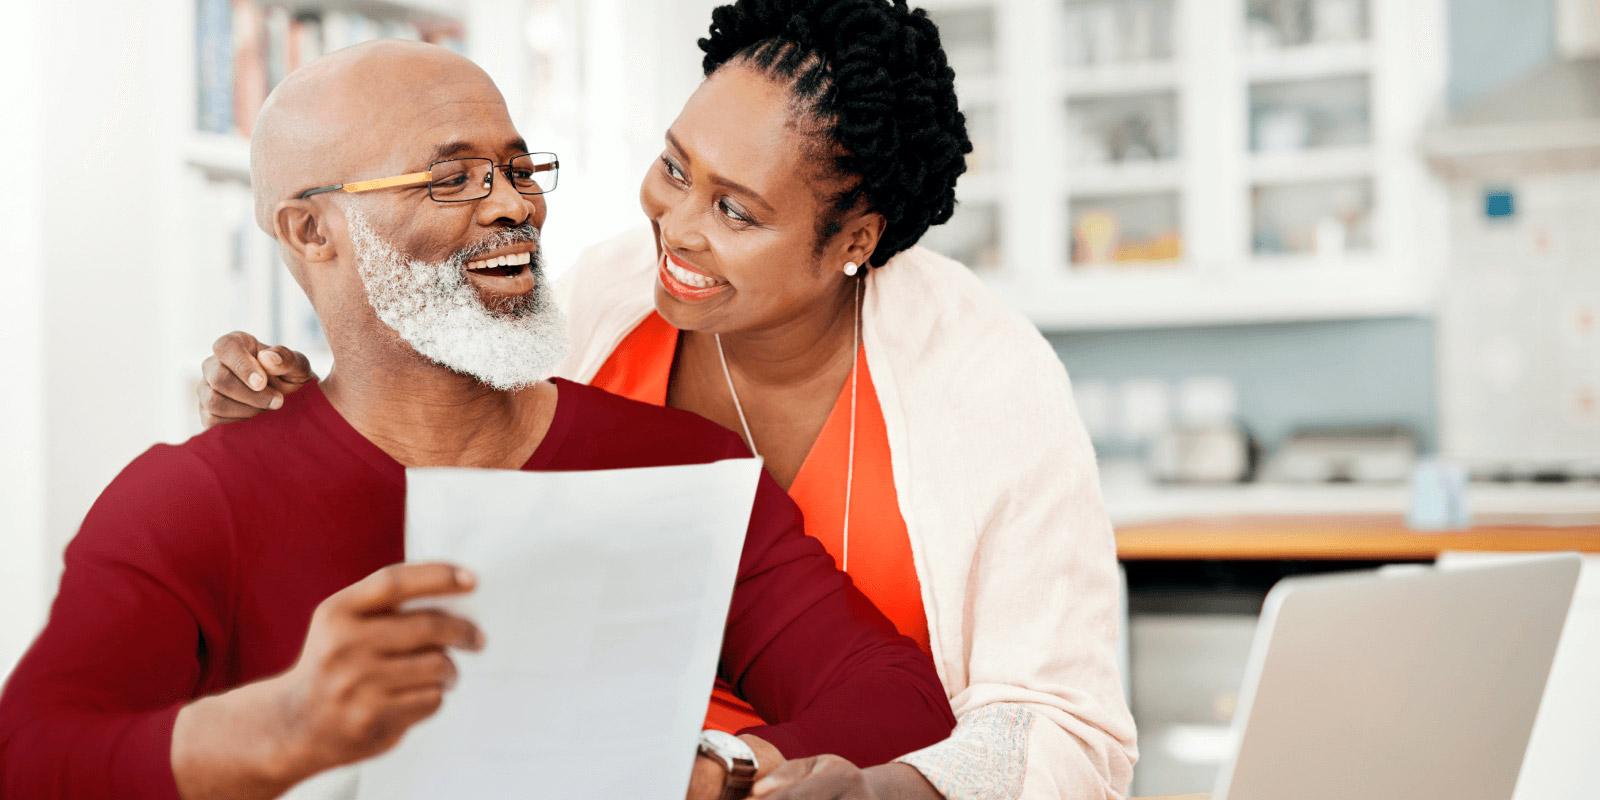 7 dicas de educação financeira para aproveitar melhor a sua aposentadoria.